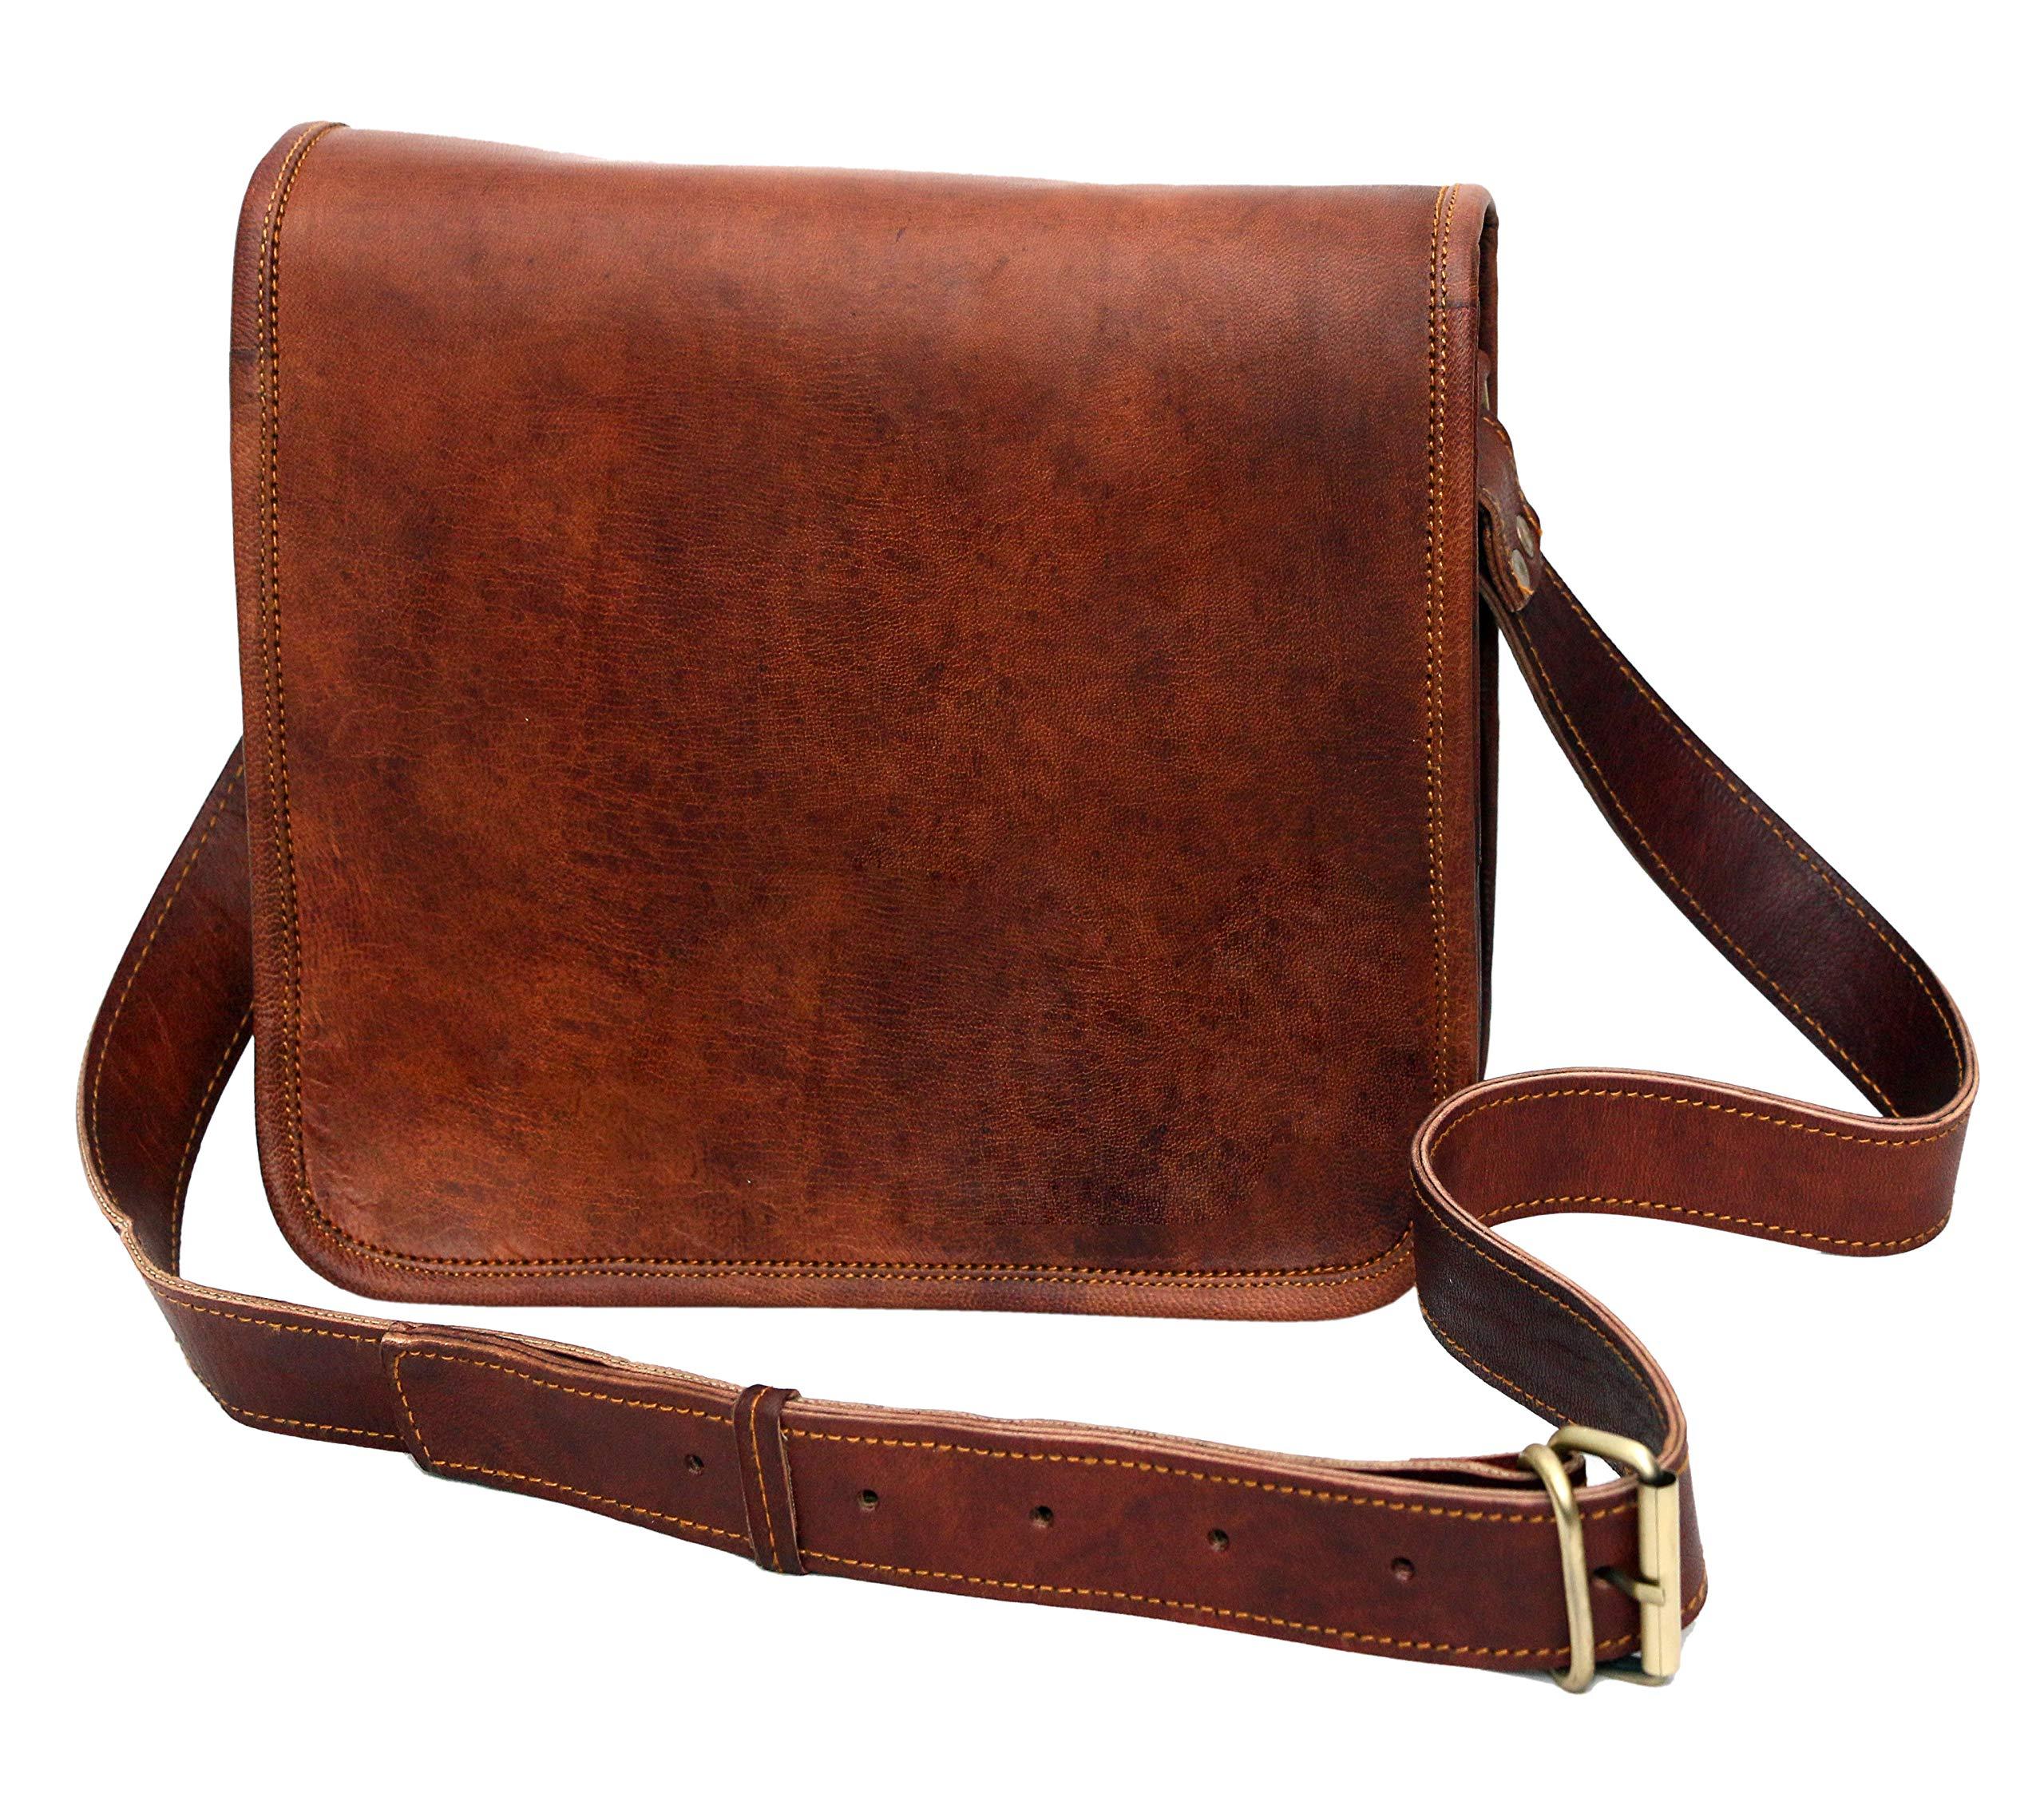 Leather bag Fair Deal / Full flap bag / laptop bag / best computer shoulder briefcase /  Handmade leather bag messenger bag for I pad / brown bag  by Fair Deal (Image #4)